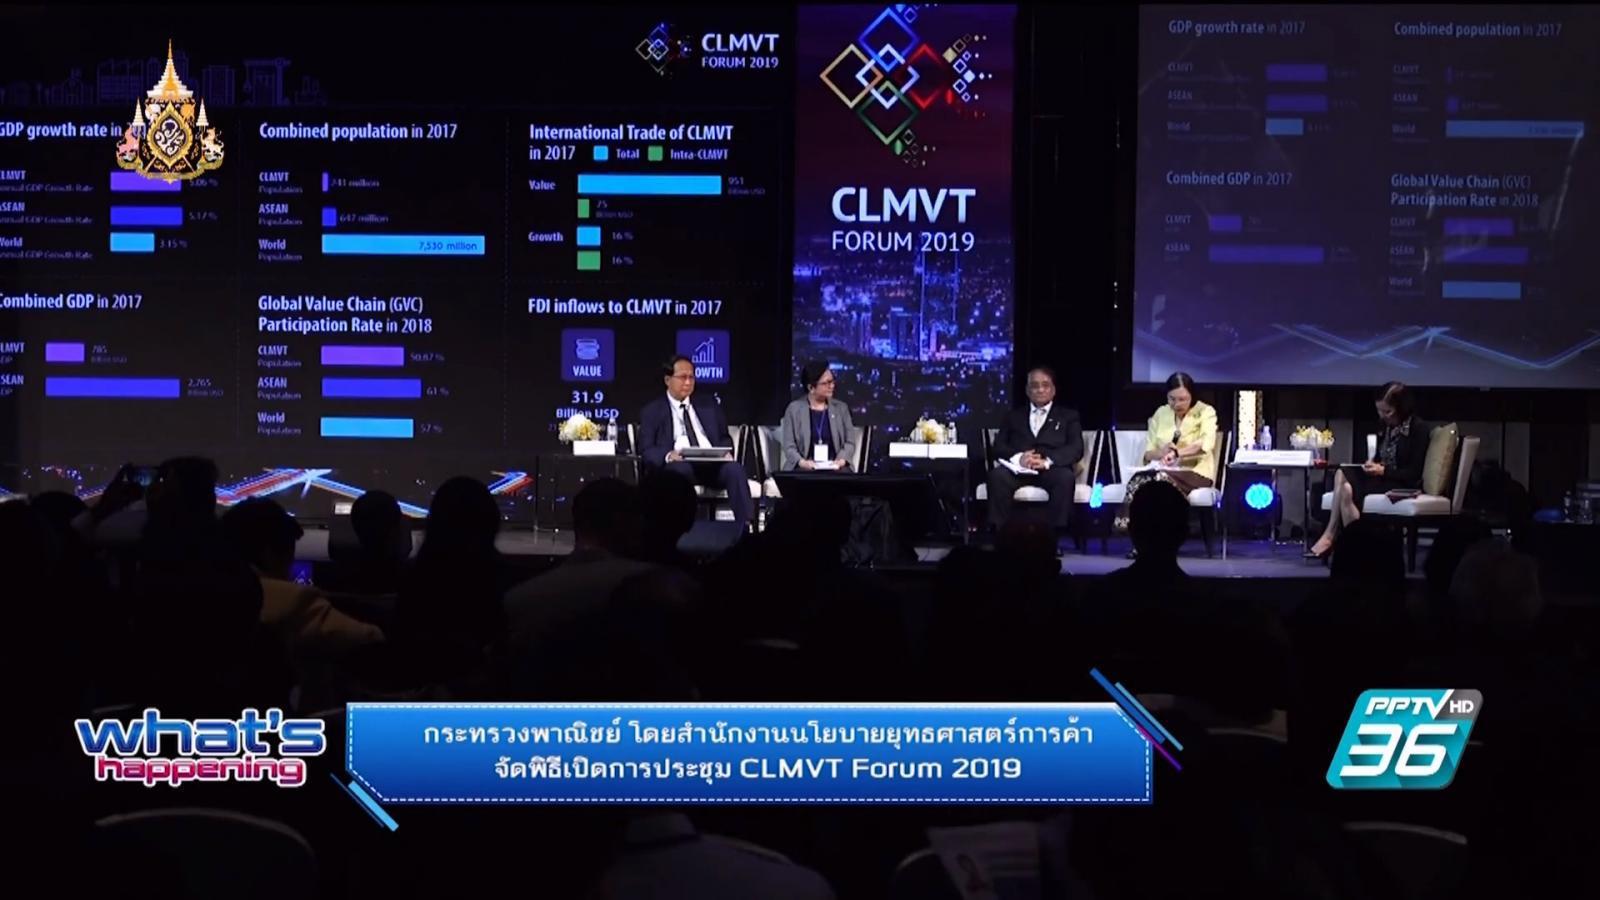 กระทรวงพาณิชย์  จัดพิธีเปิดการประชุม CLMVT Forum 2019